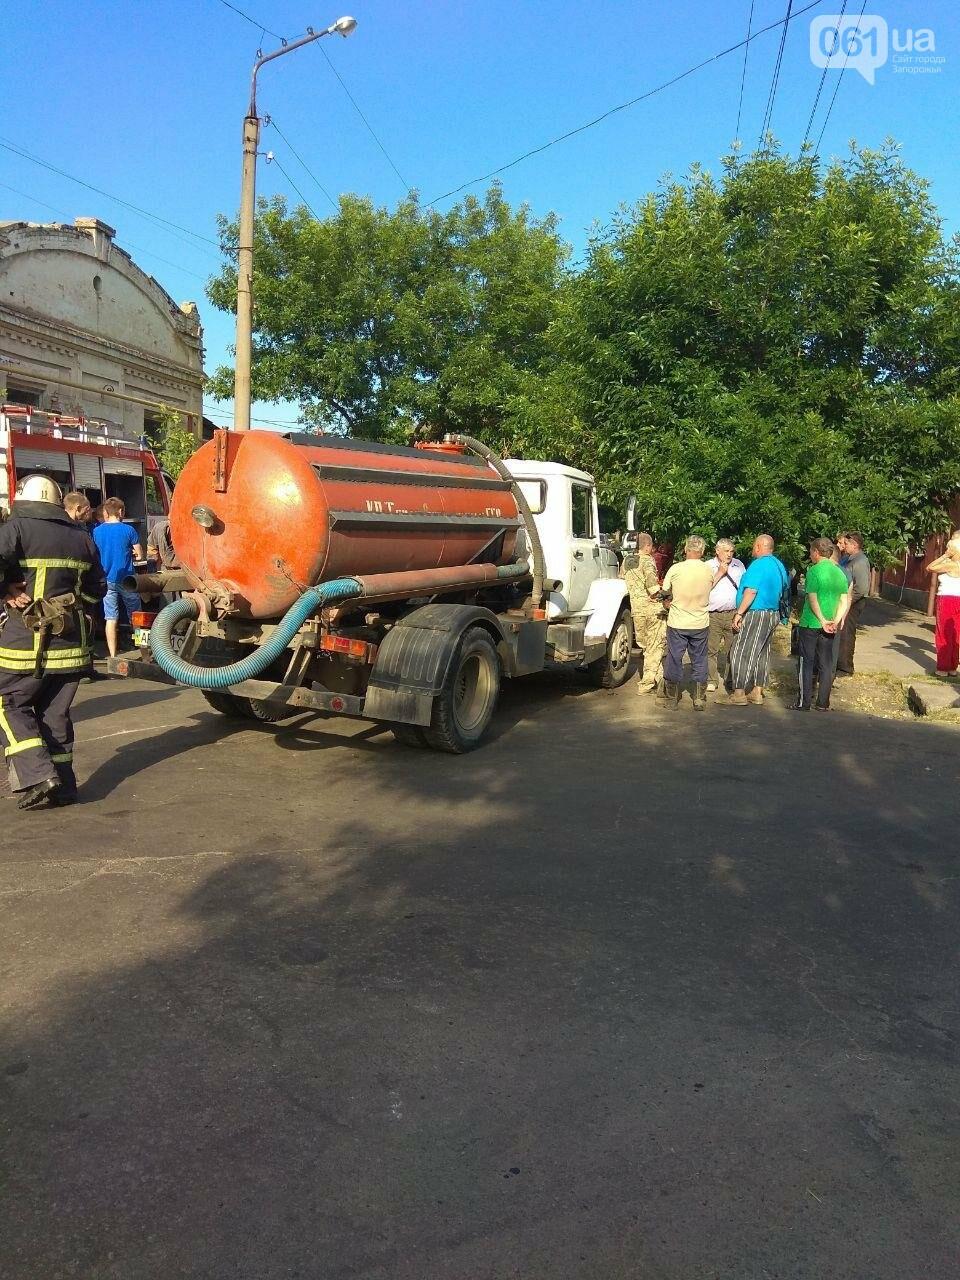 В Бердянске в ДТП пострадали дети - на месте происшествия работало 10 спасателей, - ФОТО, фото-2